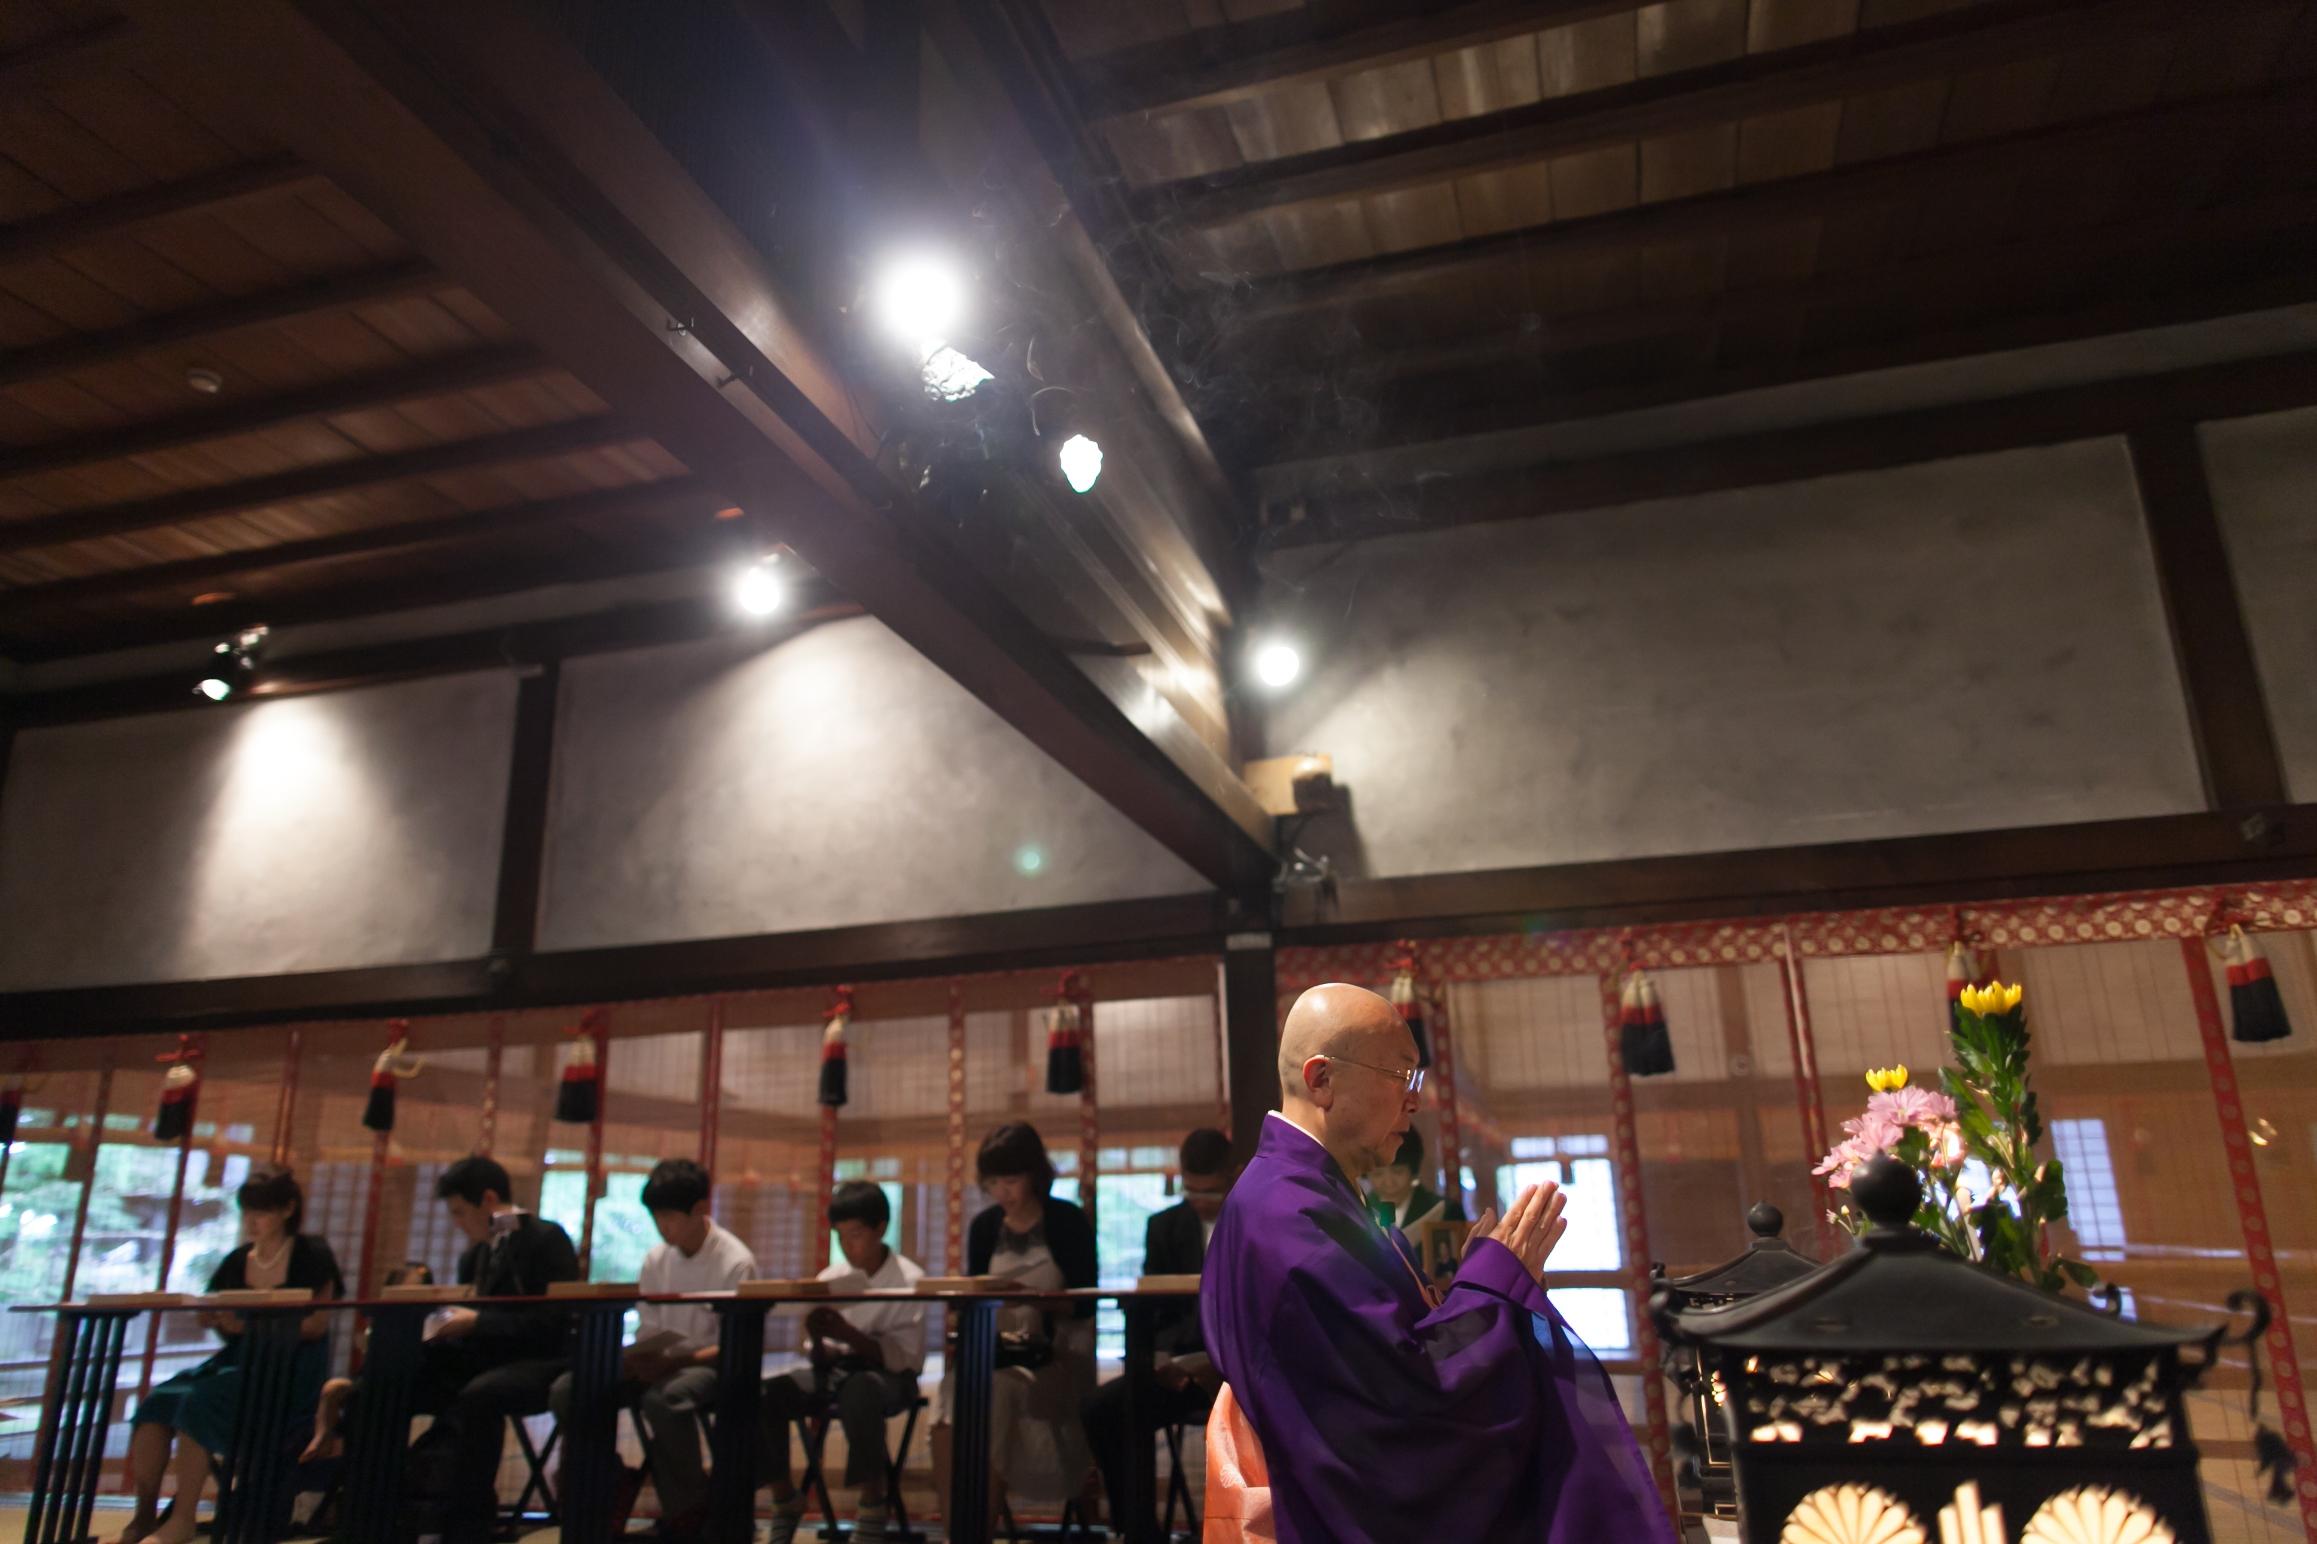 【京都結婚式】青蓮院結婚式の写真のご紹介です♪